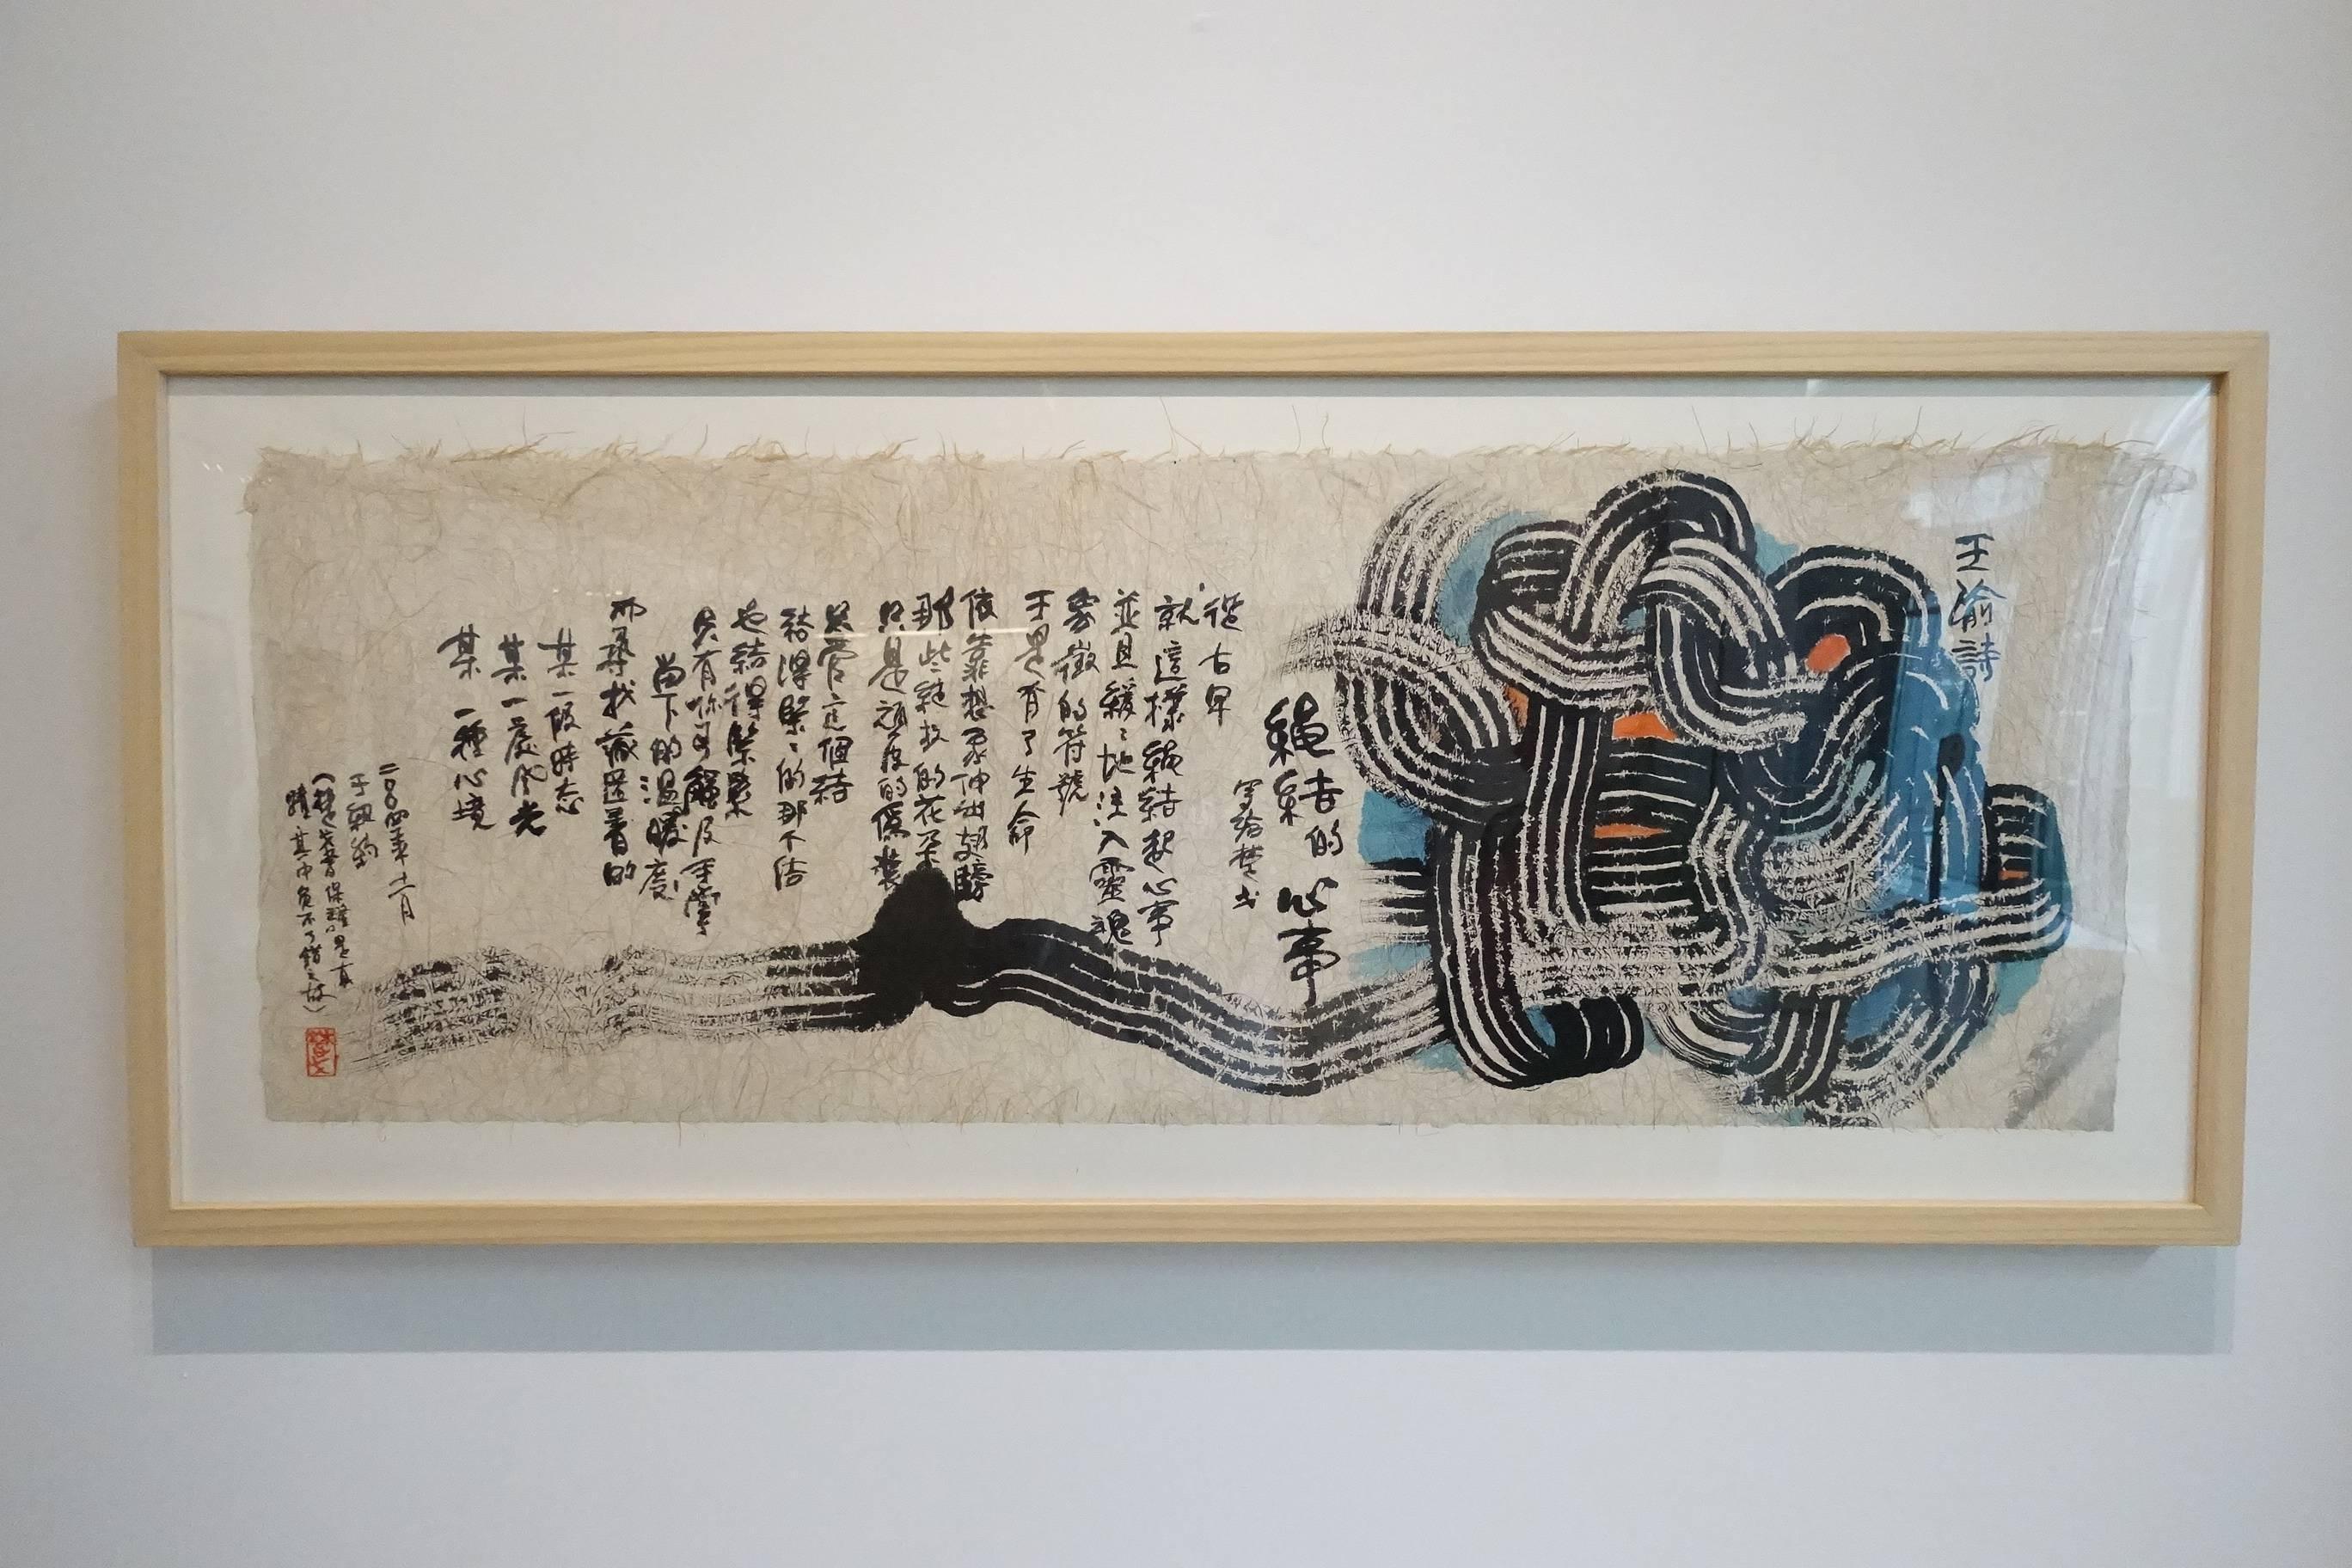 楚戈作品《繩結的心事》。